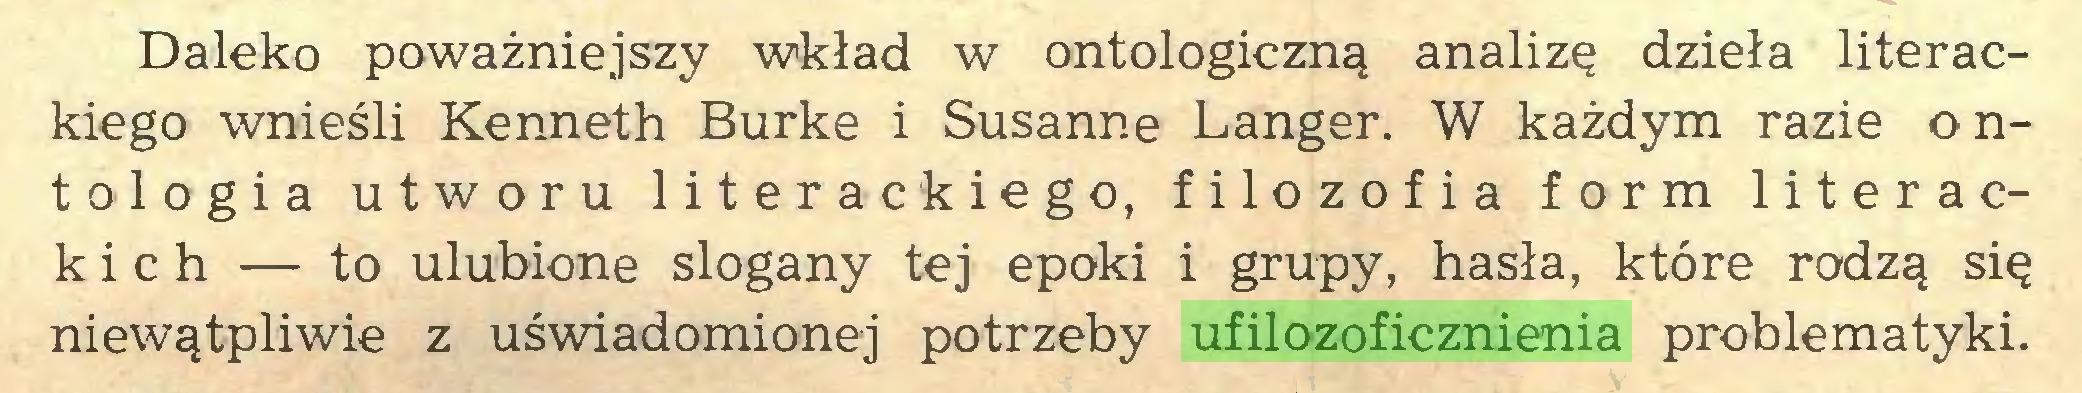 (...) Daleko poważniejszy wkład w ontologiczną analizę dzieła literackiego wnieśli Kenneth Burke i Susanne Langer. W każdym razie ontologia utworu literackiego, filozofia form literackich — to ulubione slogany tej epoki i grupy, hasła, które rodzą się niewątpliwie z uświadomionej potrzeby ufilozoficznienia problematyki...